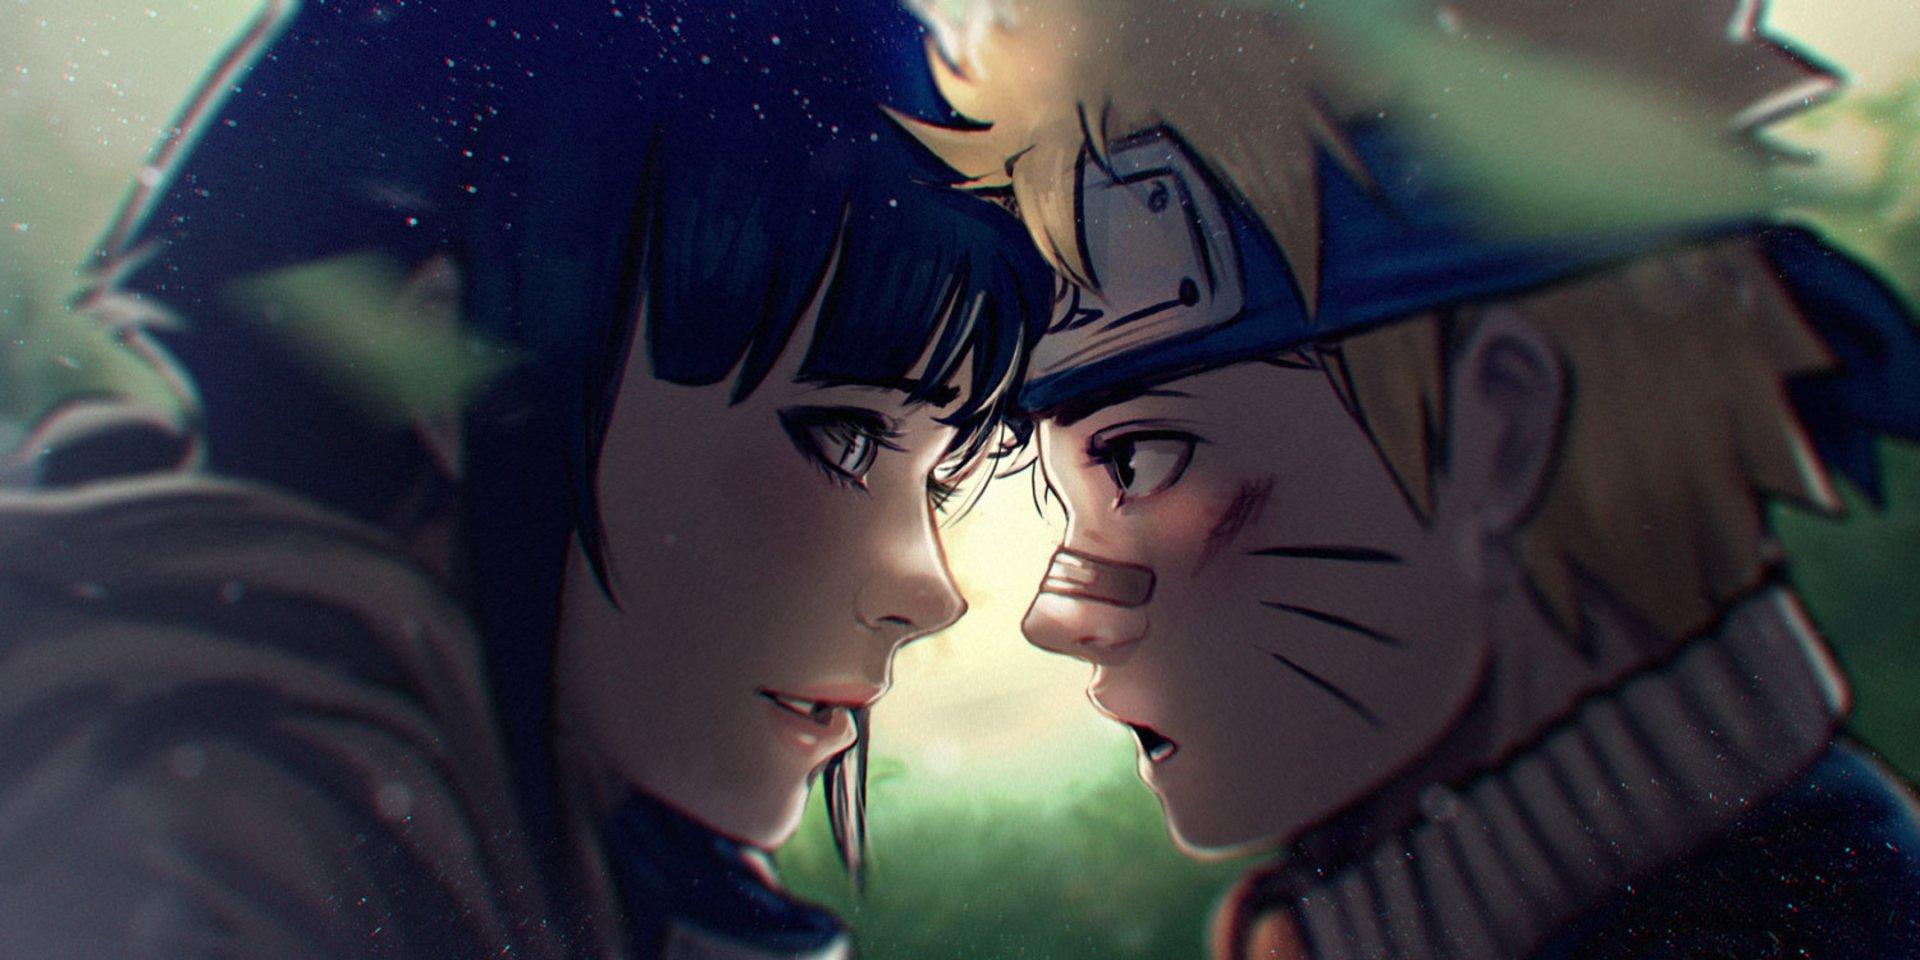 Anime - Naruto  Hinata Hyūga Naruto Uzumaki Wallpaper